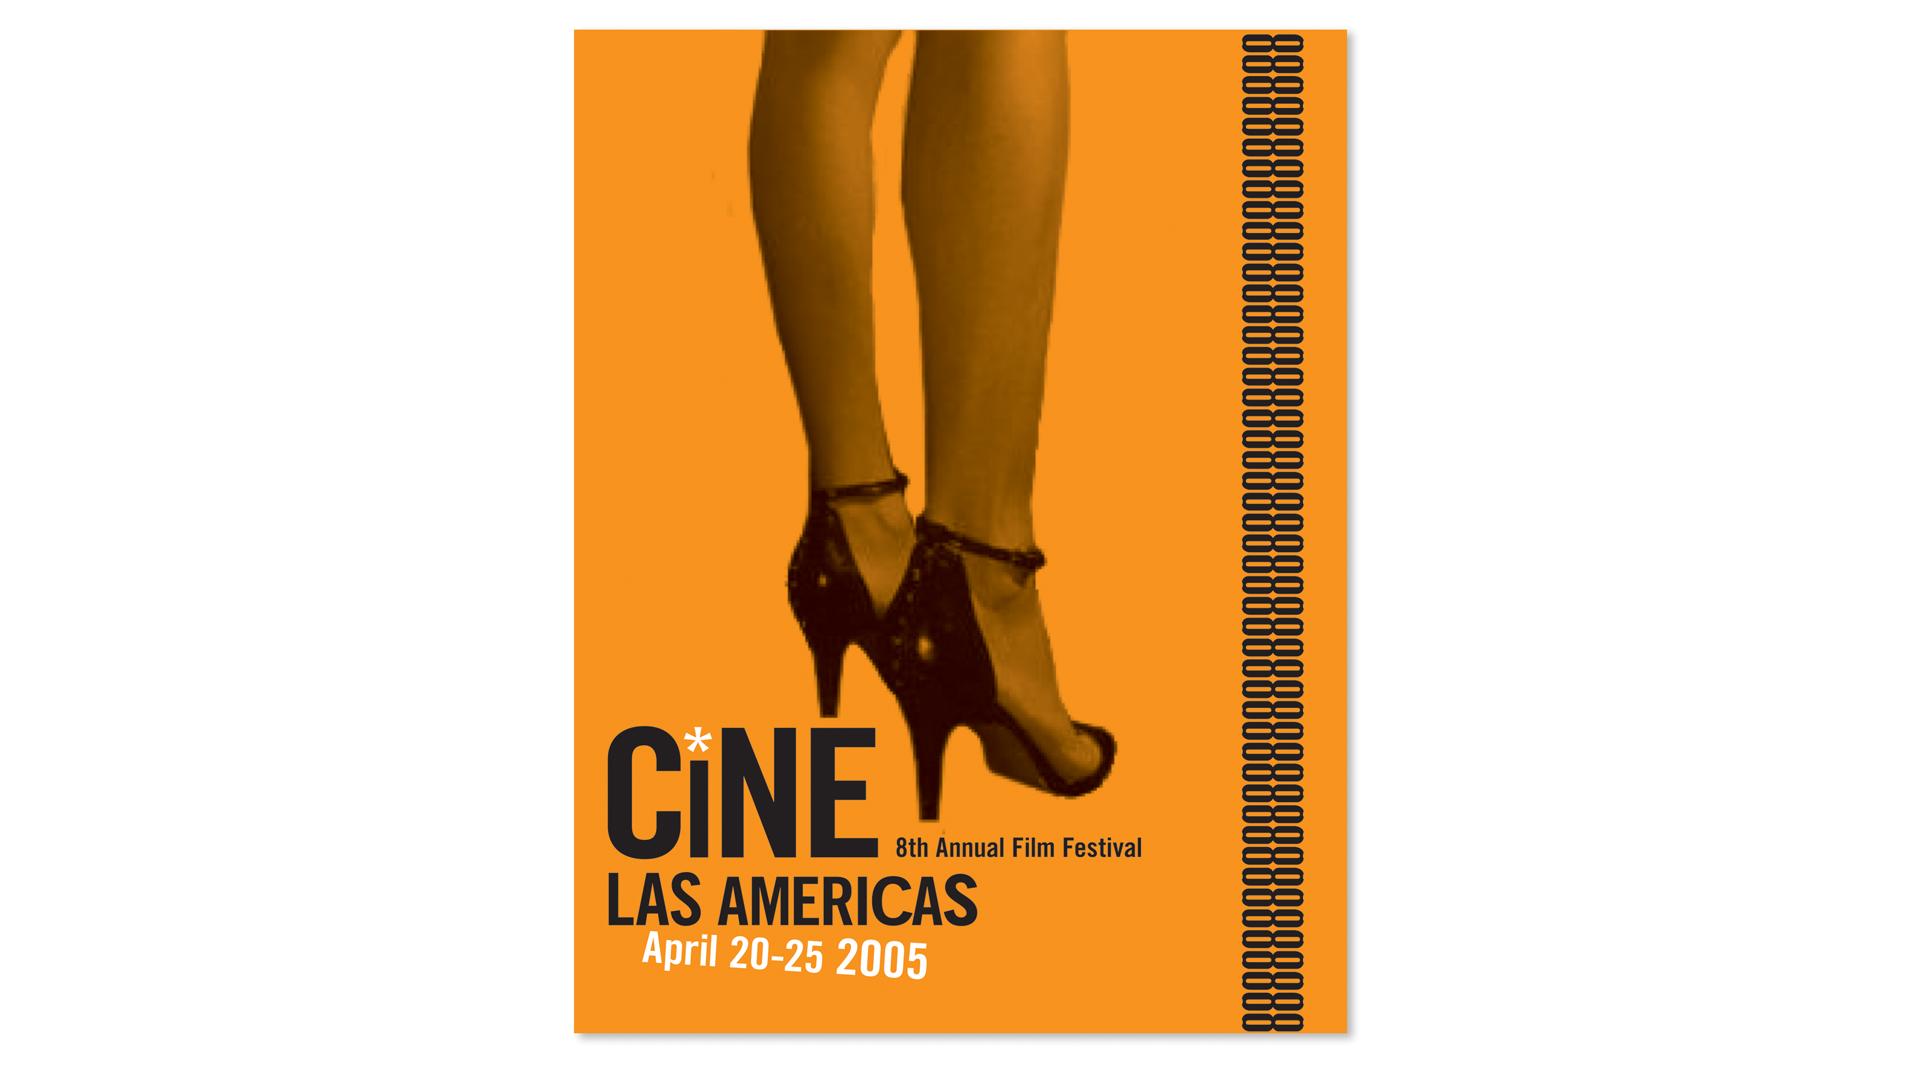 Print_Poster_CineLasAmericas_01.png